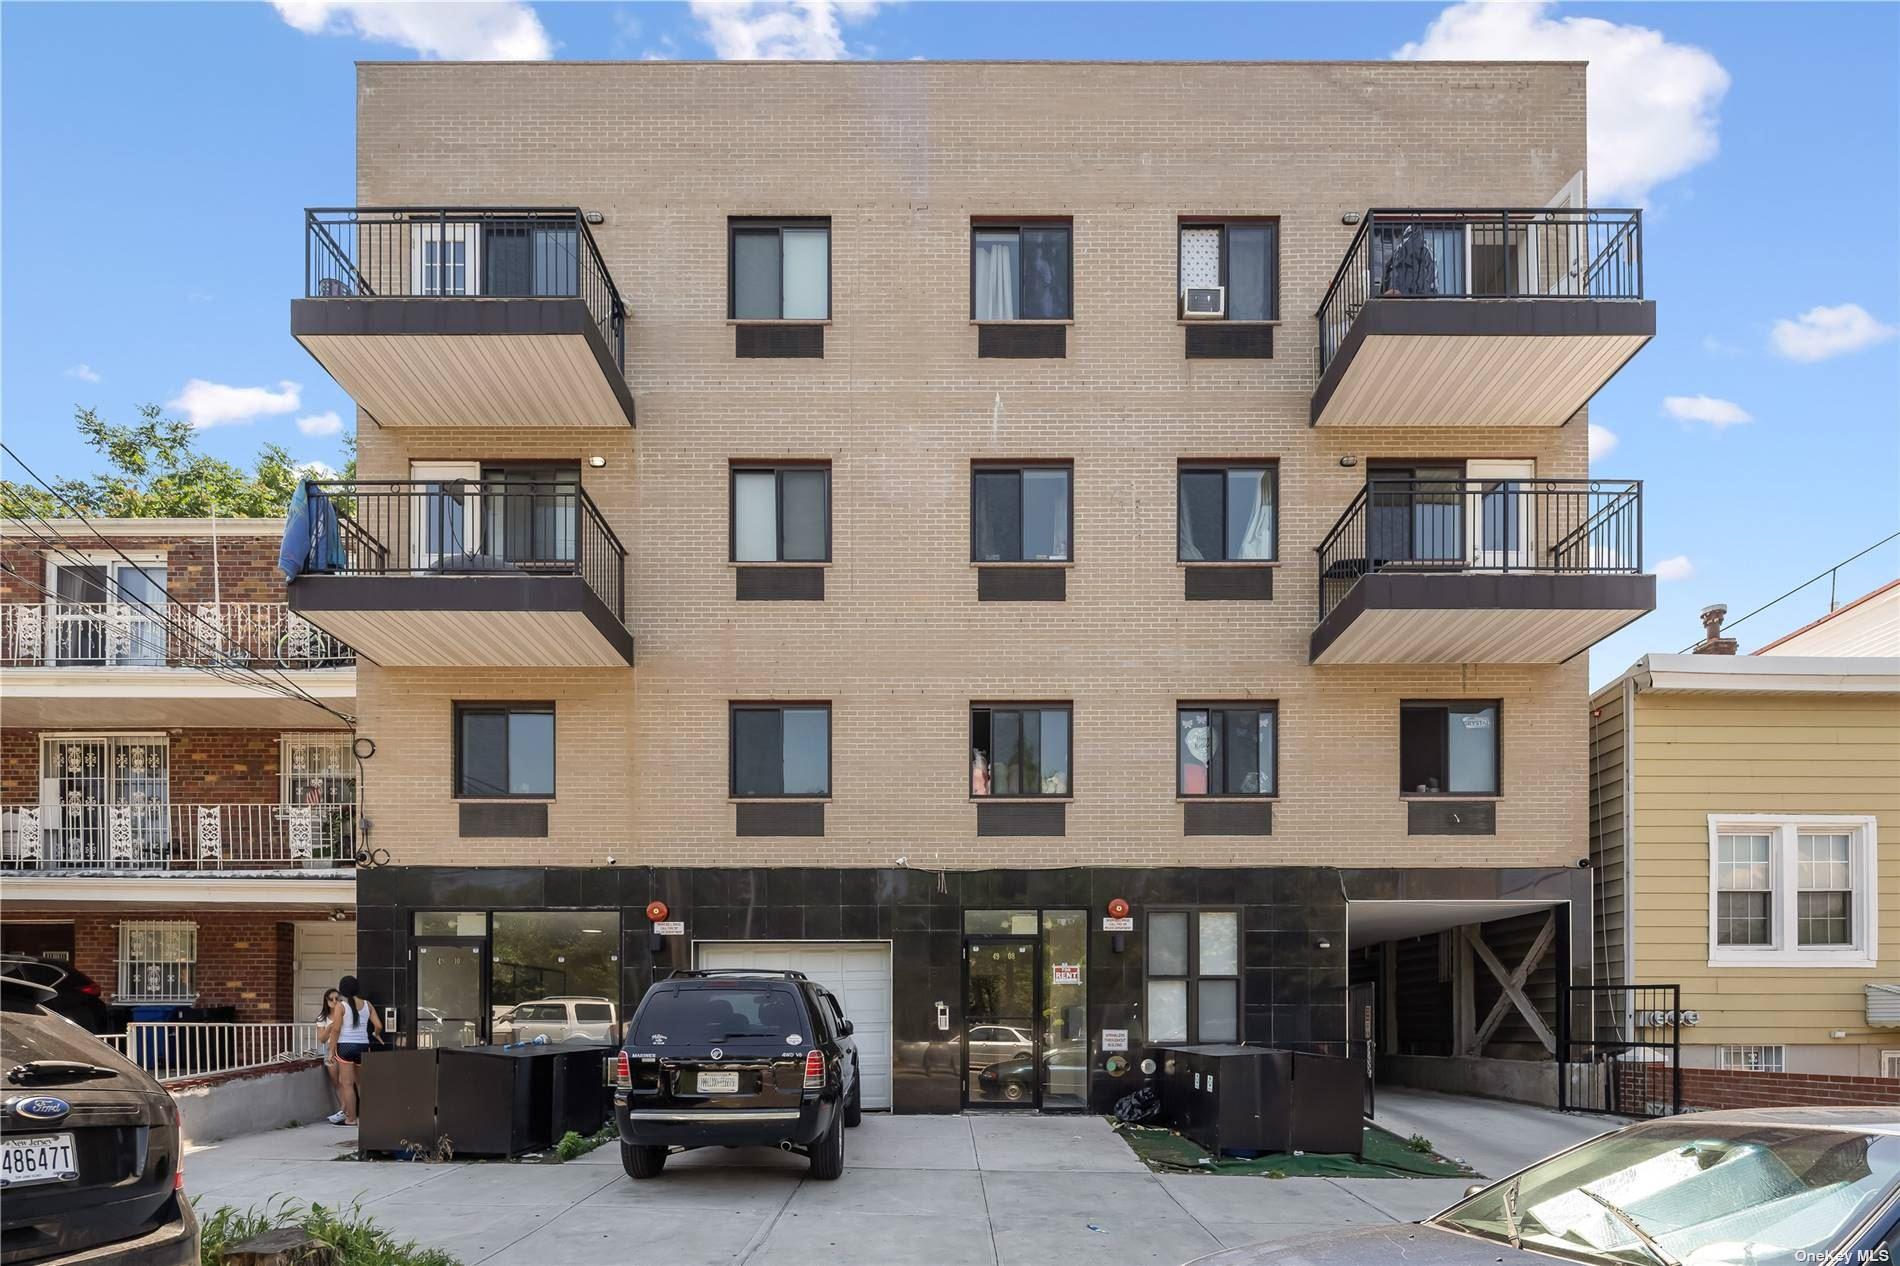 49-10 111 Street #4B, Corona, NY 11368 - MLS#: 3322484